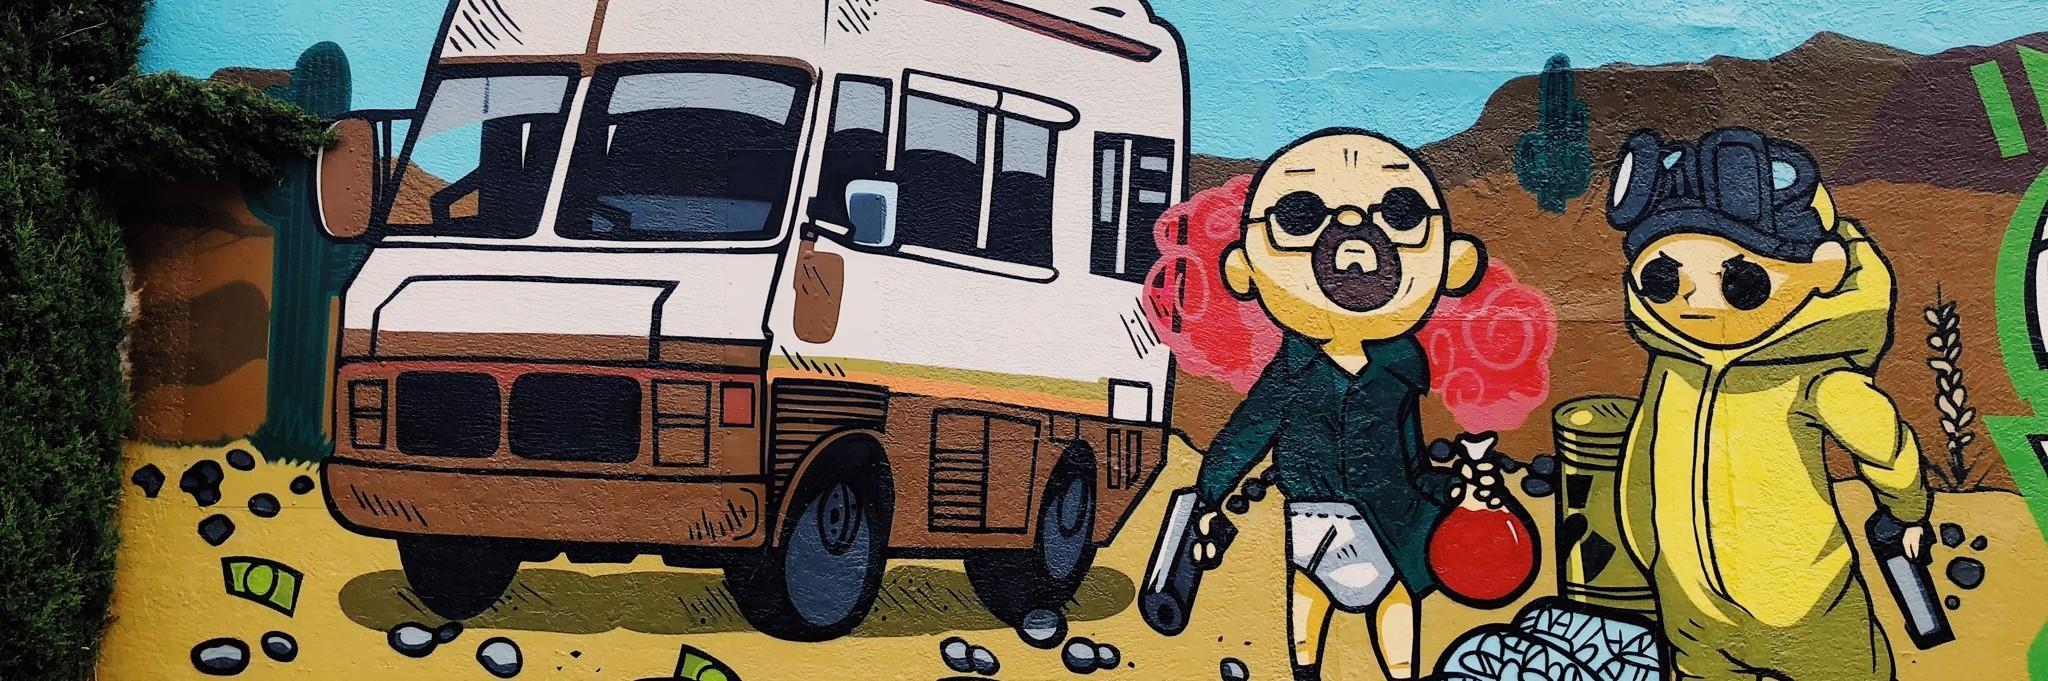 进入头号口碑美剧《绝命毒师》的世界,横跨三州的14日美国自驾之旅,新墨西哥州自助游攻略_游记